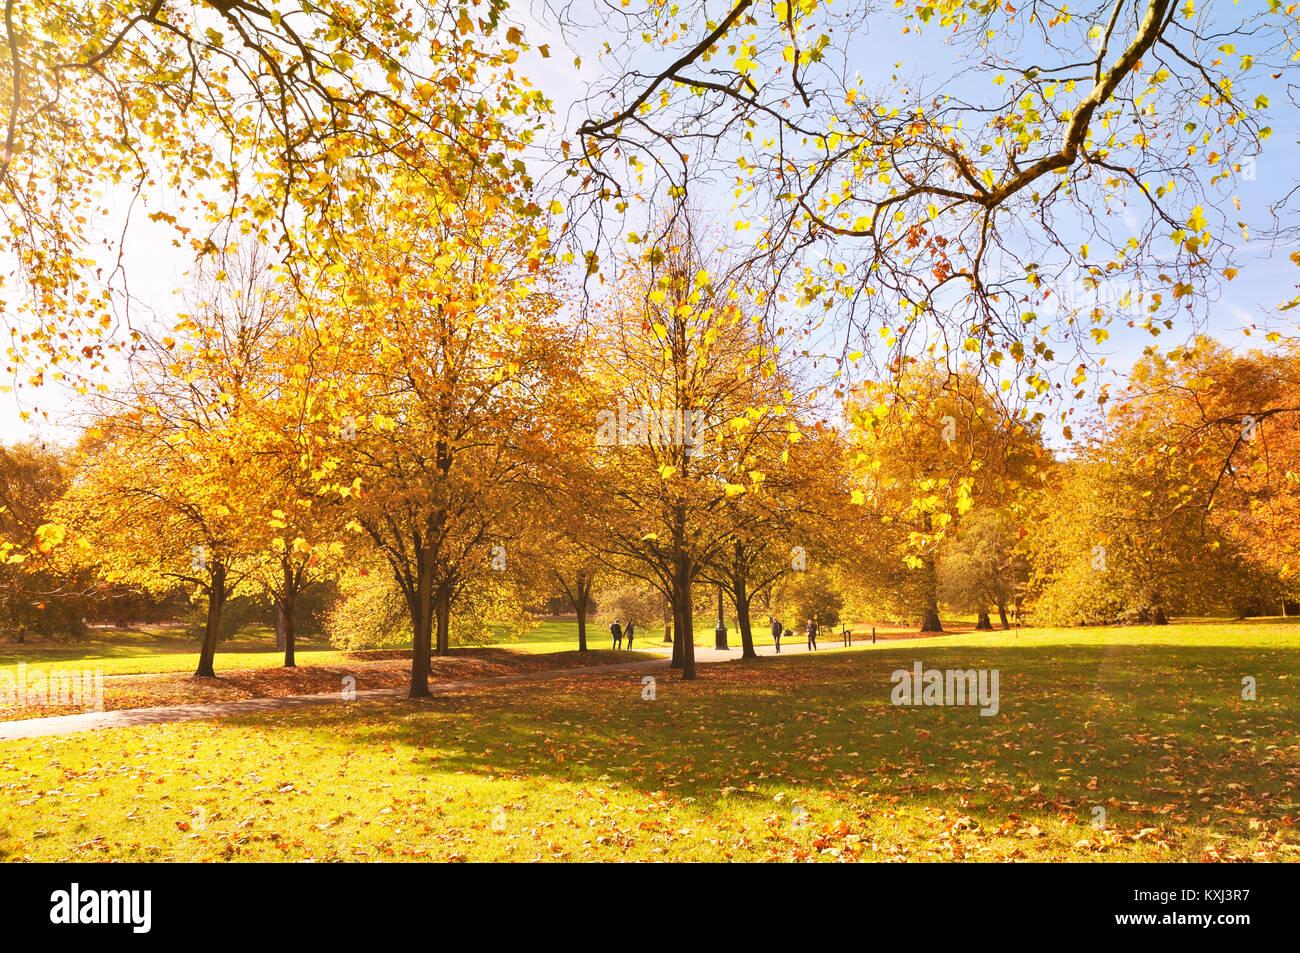 Green Park, Londres. Una pareja joven camina de la mano de coloridos árboles en un hermoso día soleado en otoño. Foto de stock